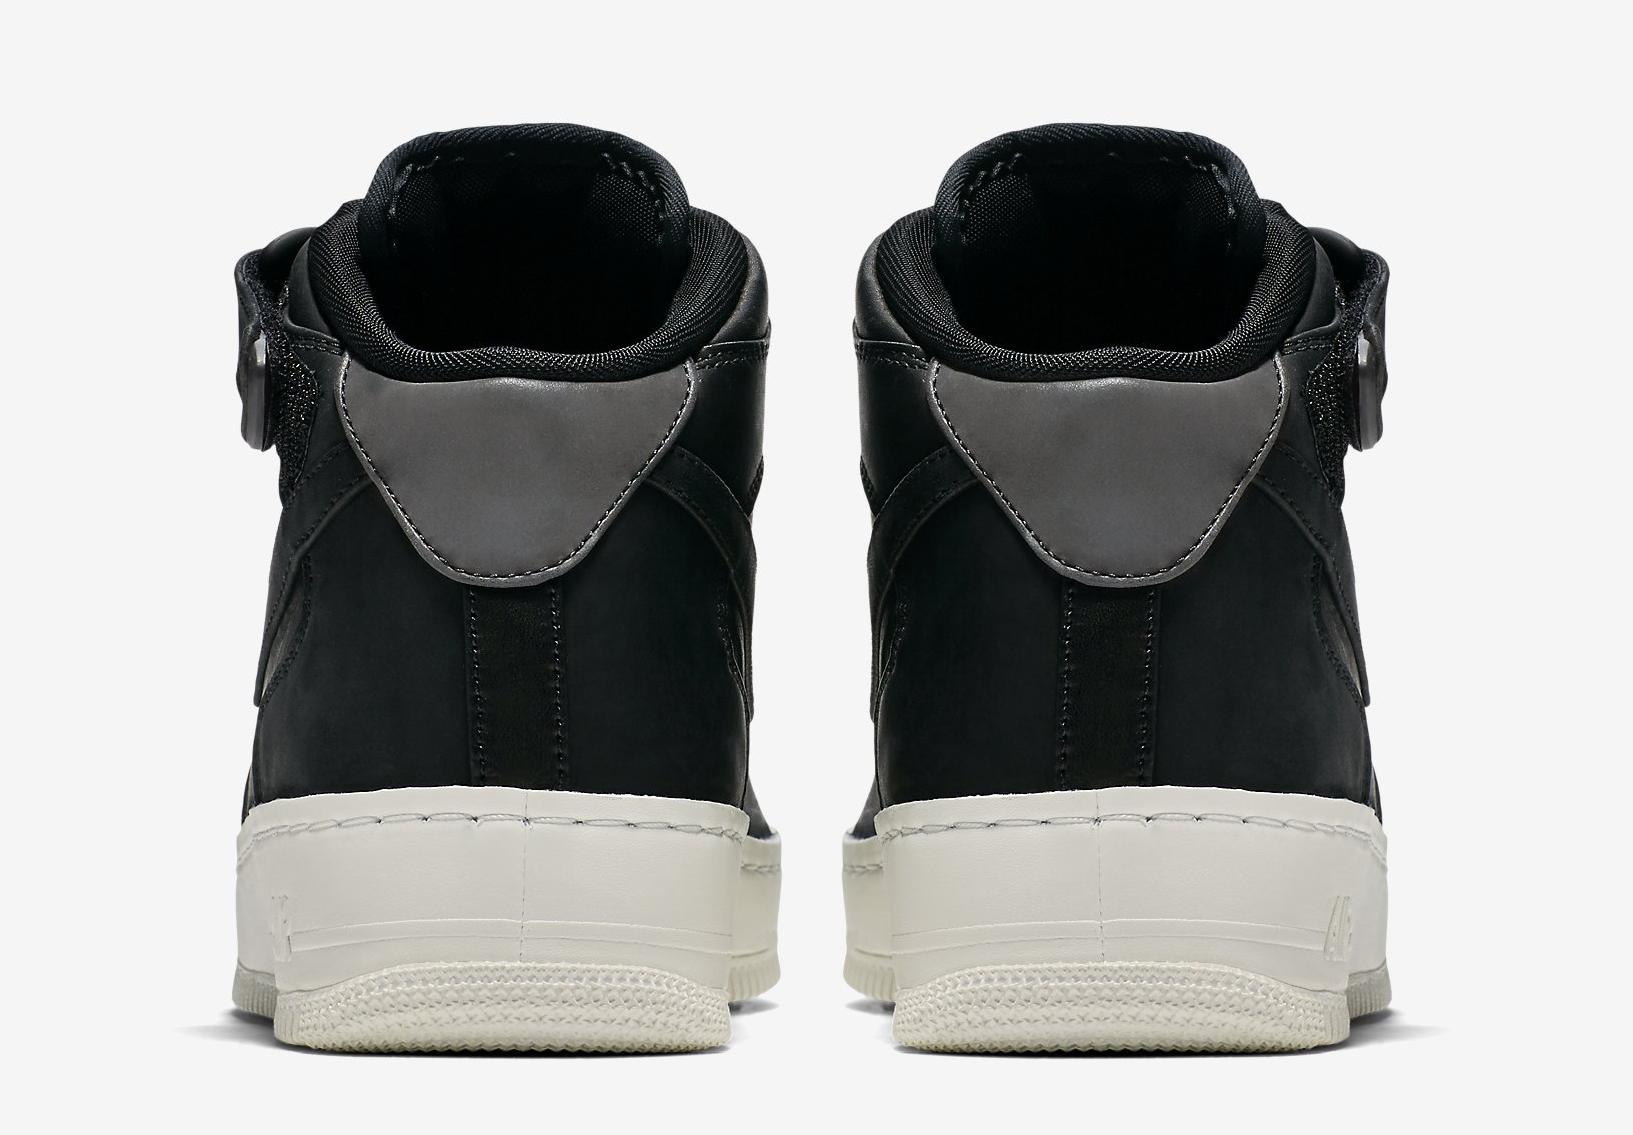 nike-air-force-1-mid-black-905619-001-heel